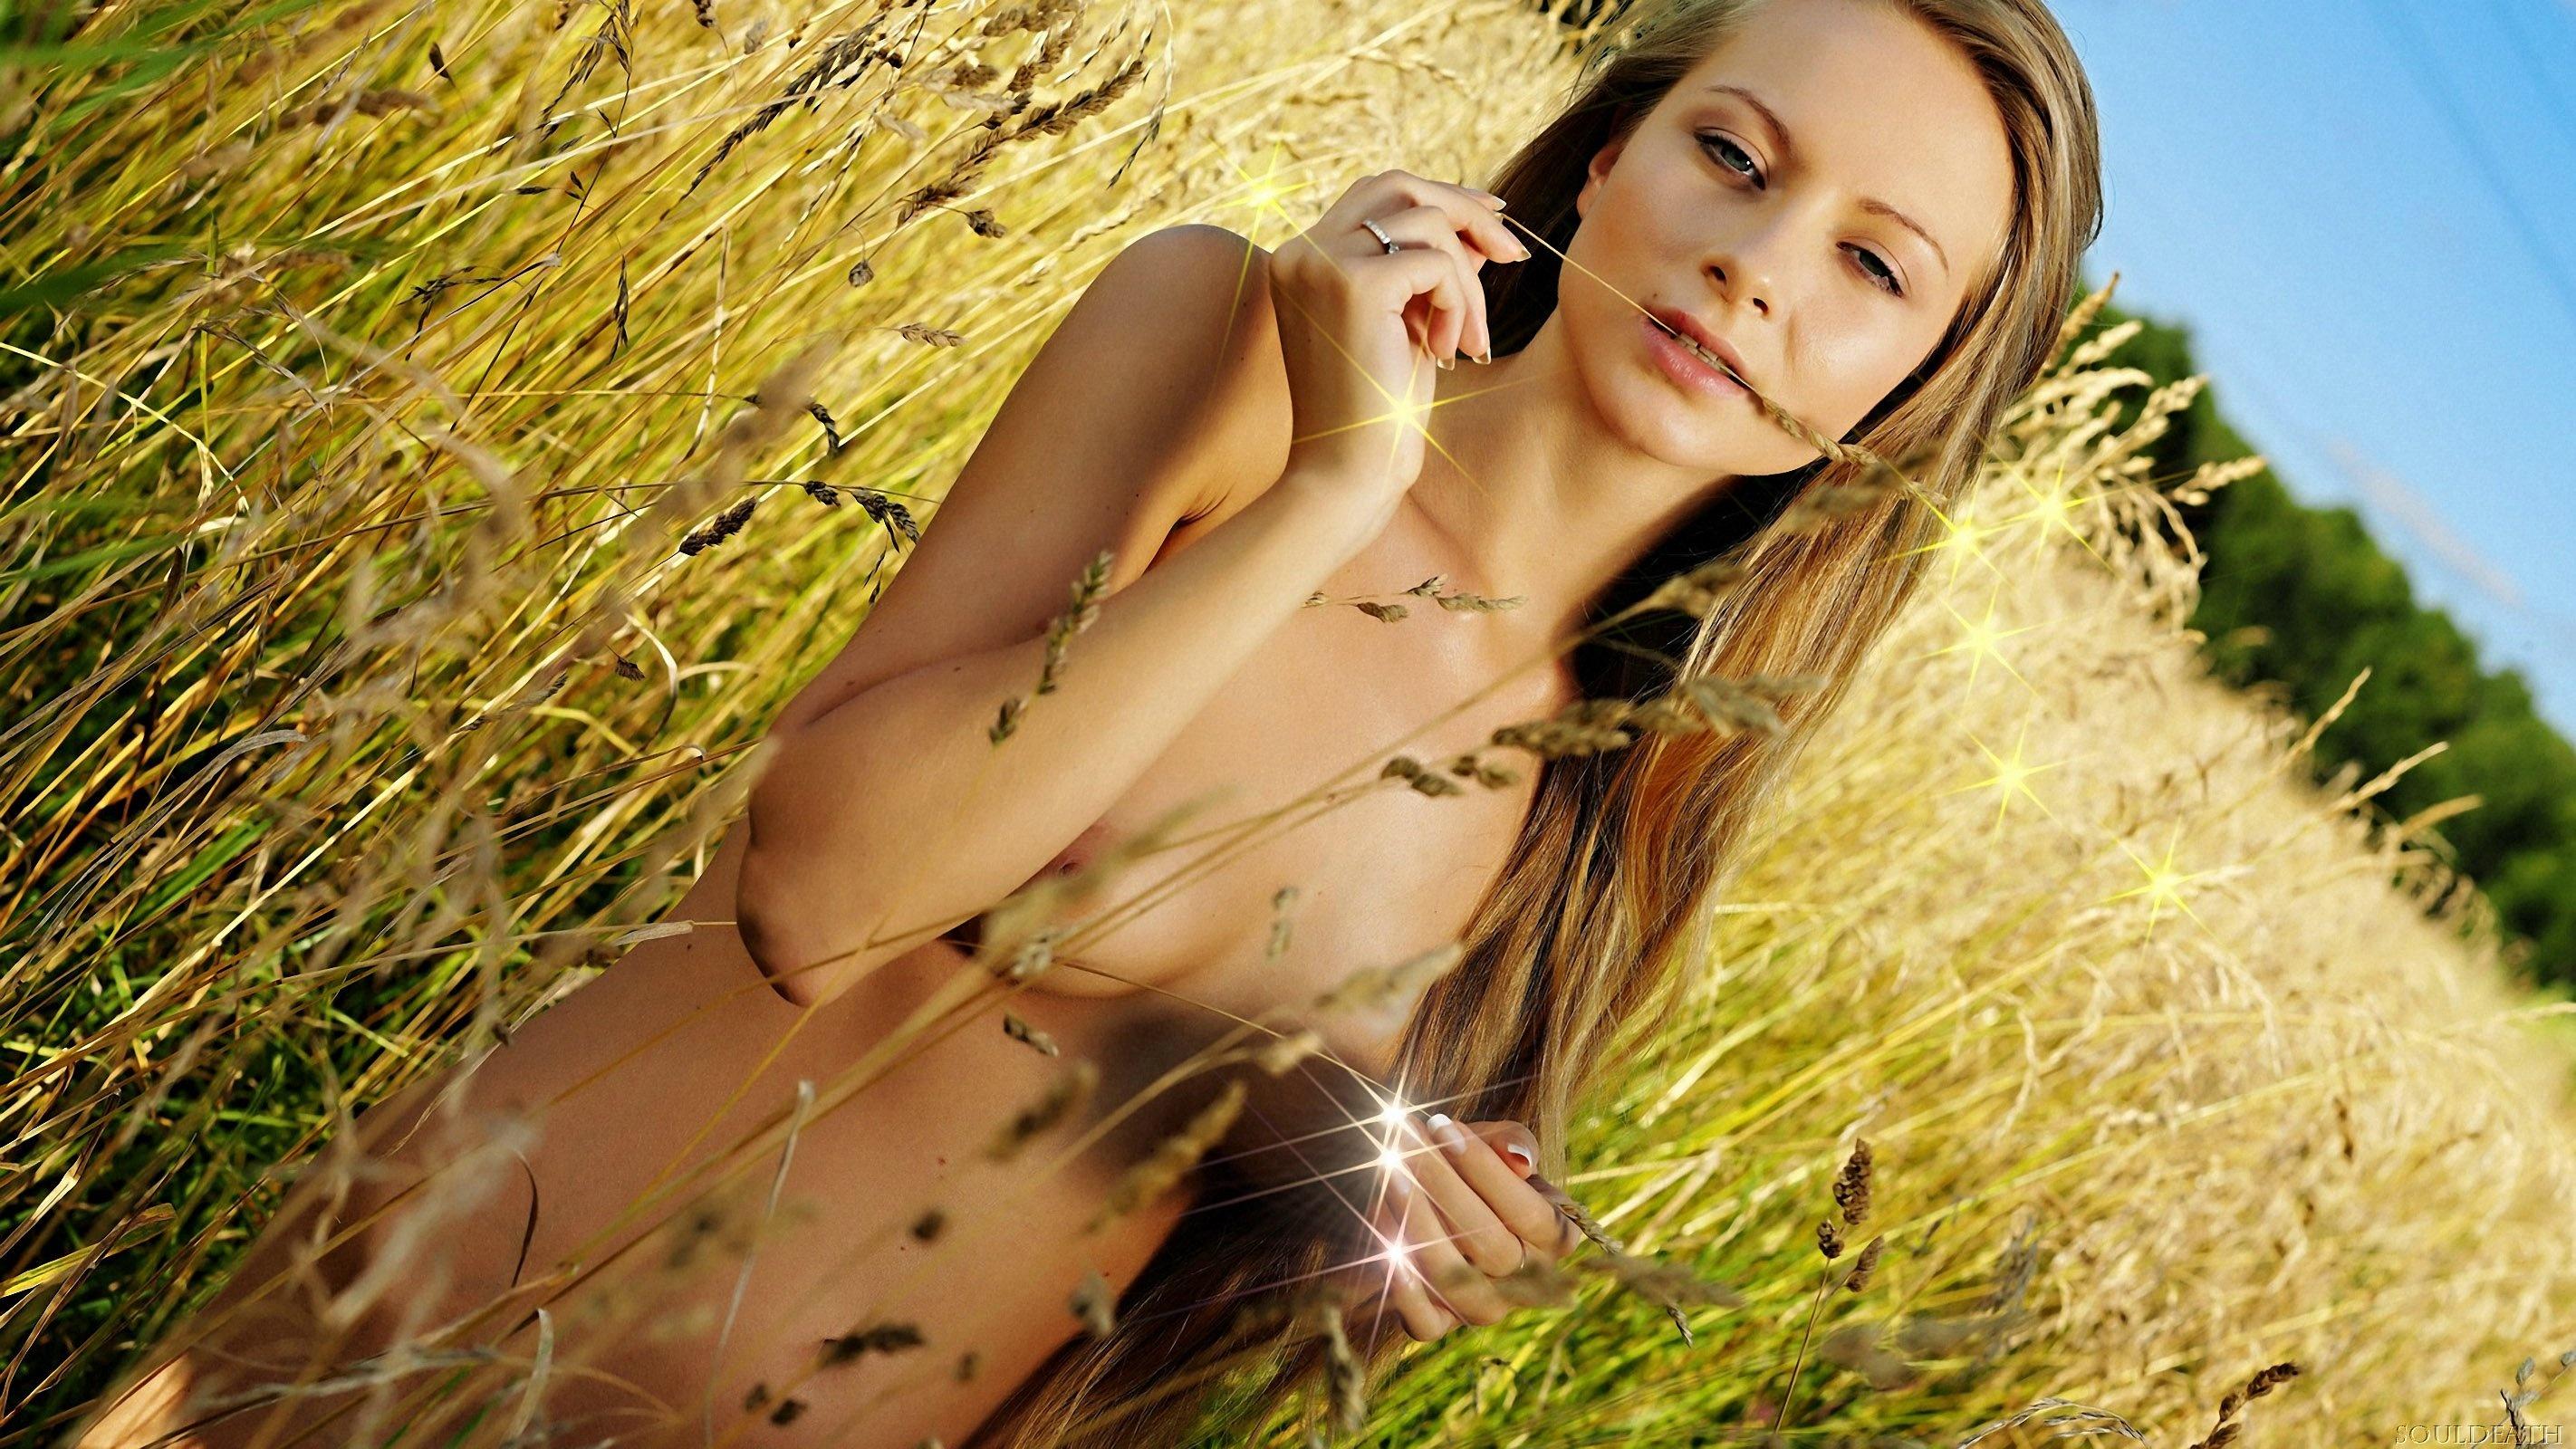 Фото голых девушек с русыми волосами 23 фотография